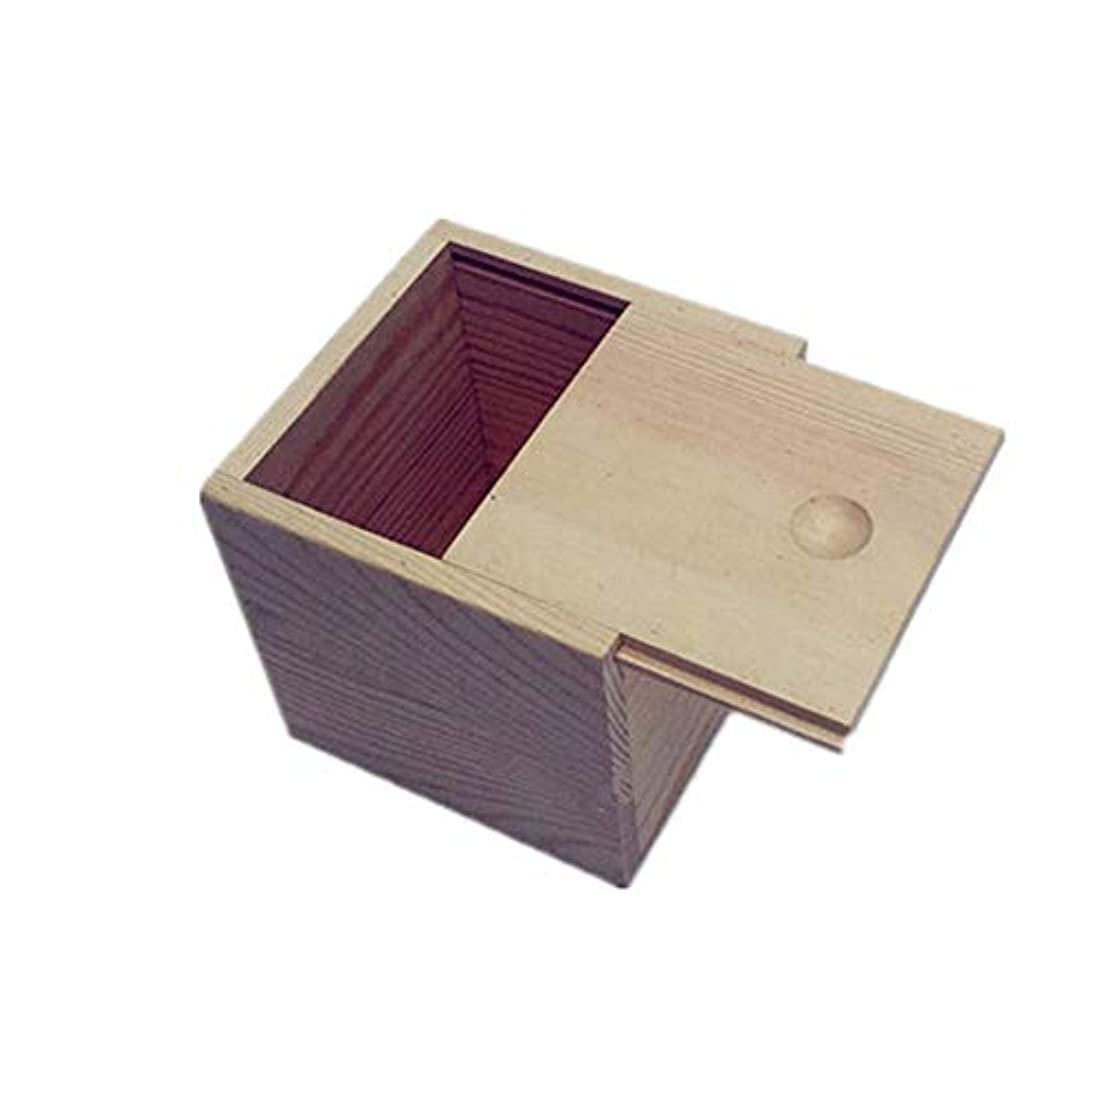 罰仮装獲物エッセンシャルオイルの保管 木製のエッセンシャルオイルストレージボックス安全なスペースセーバーあなたの油を維持するためのベスト (色 : Natural, サイズ : 9X9X5CM)